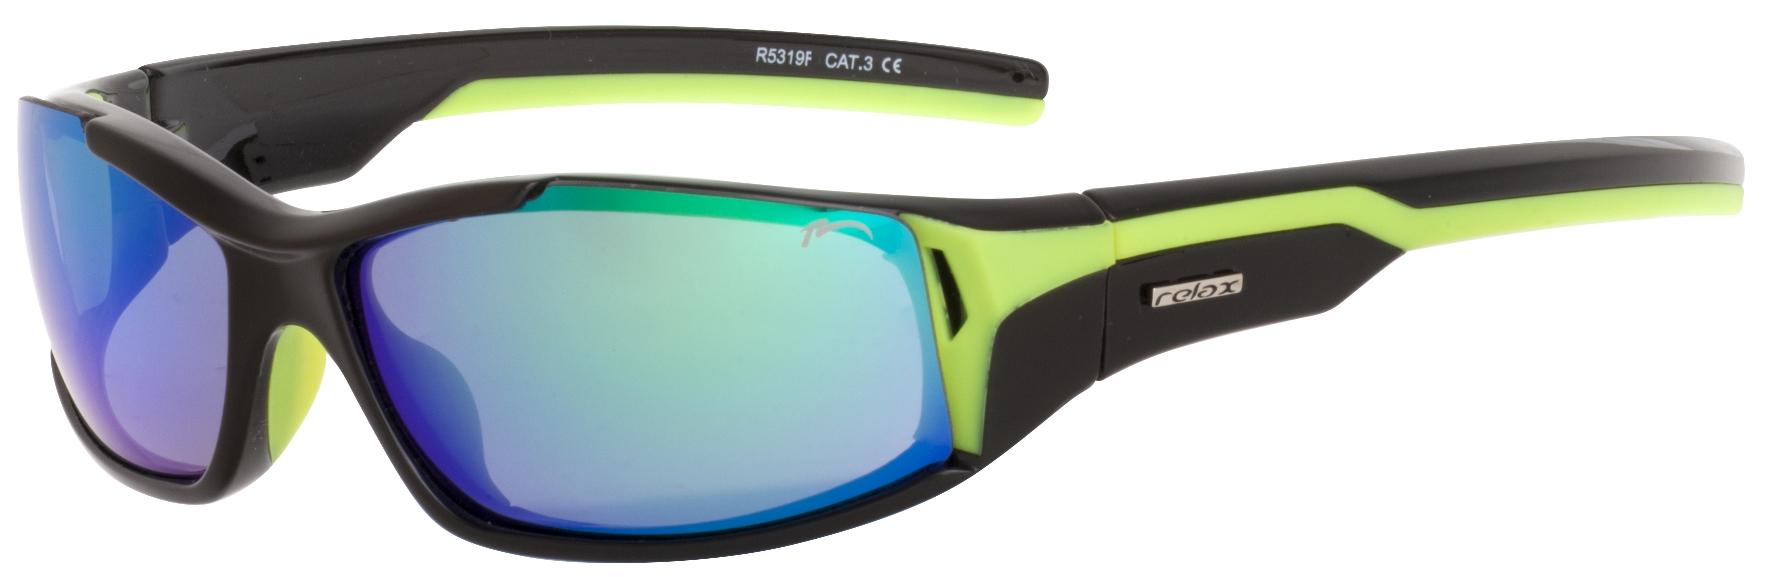 Sportovní brýle - unisex